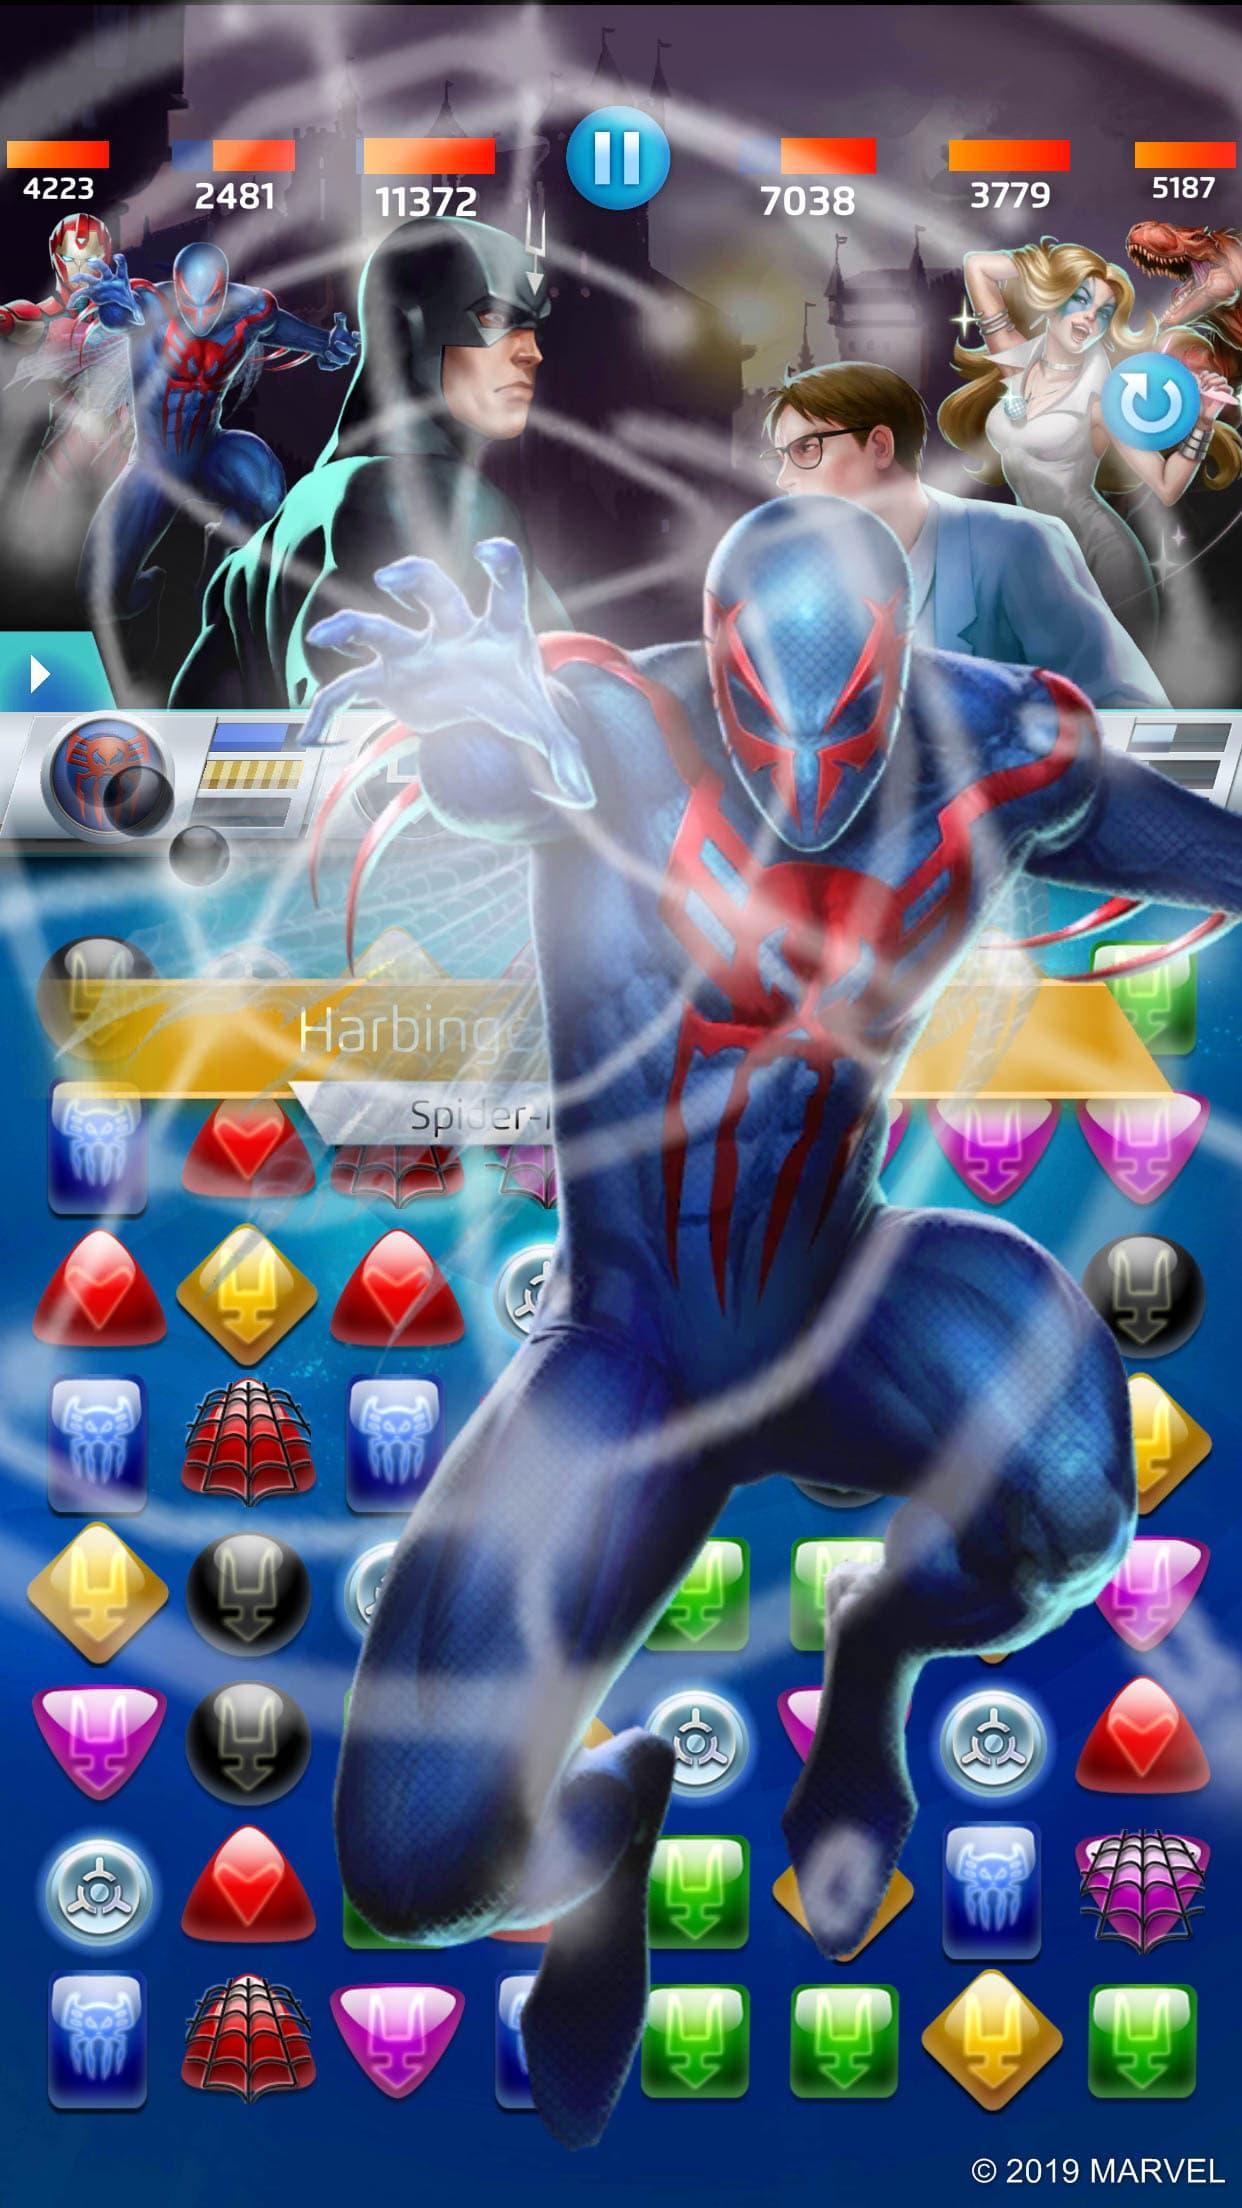 Spider-Man 2099 heroes